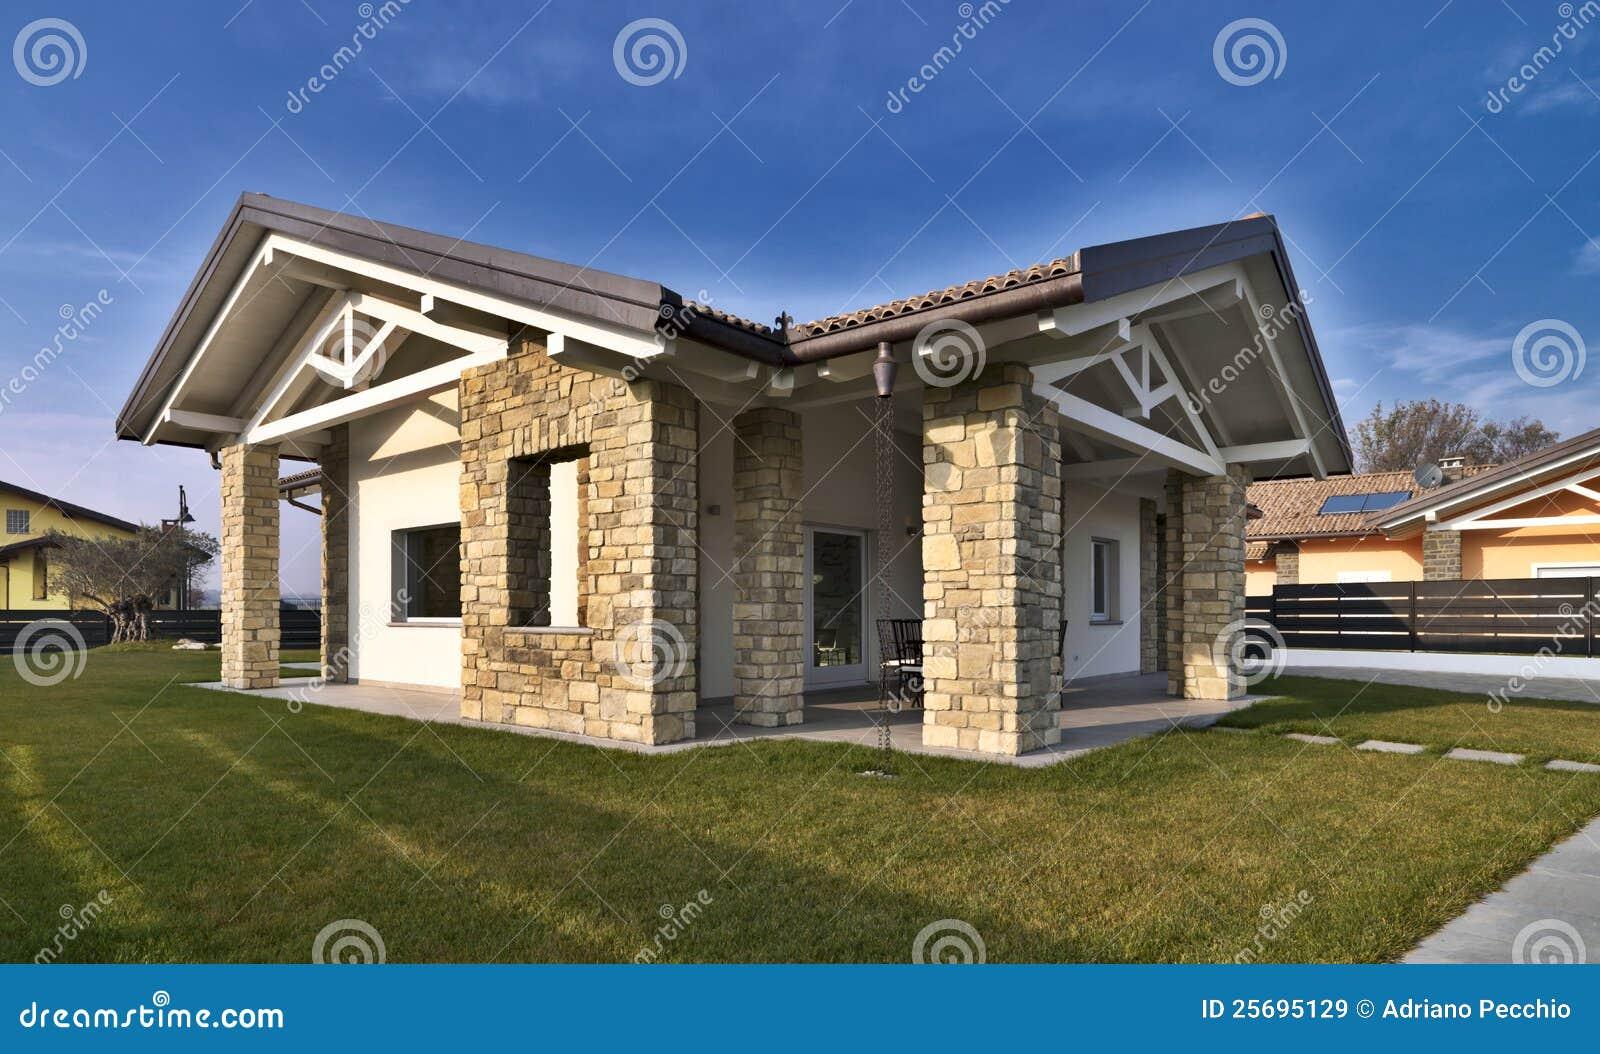 modernes landhaus mit steinw nden lizenzfreie stockbilder bild 25695129. Black Bedroom Furniture Sets. Home Design Ideas